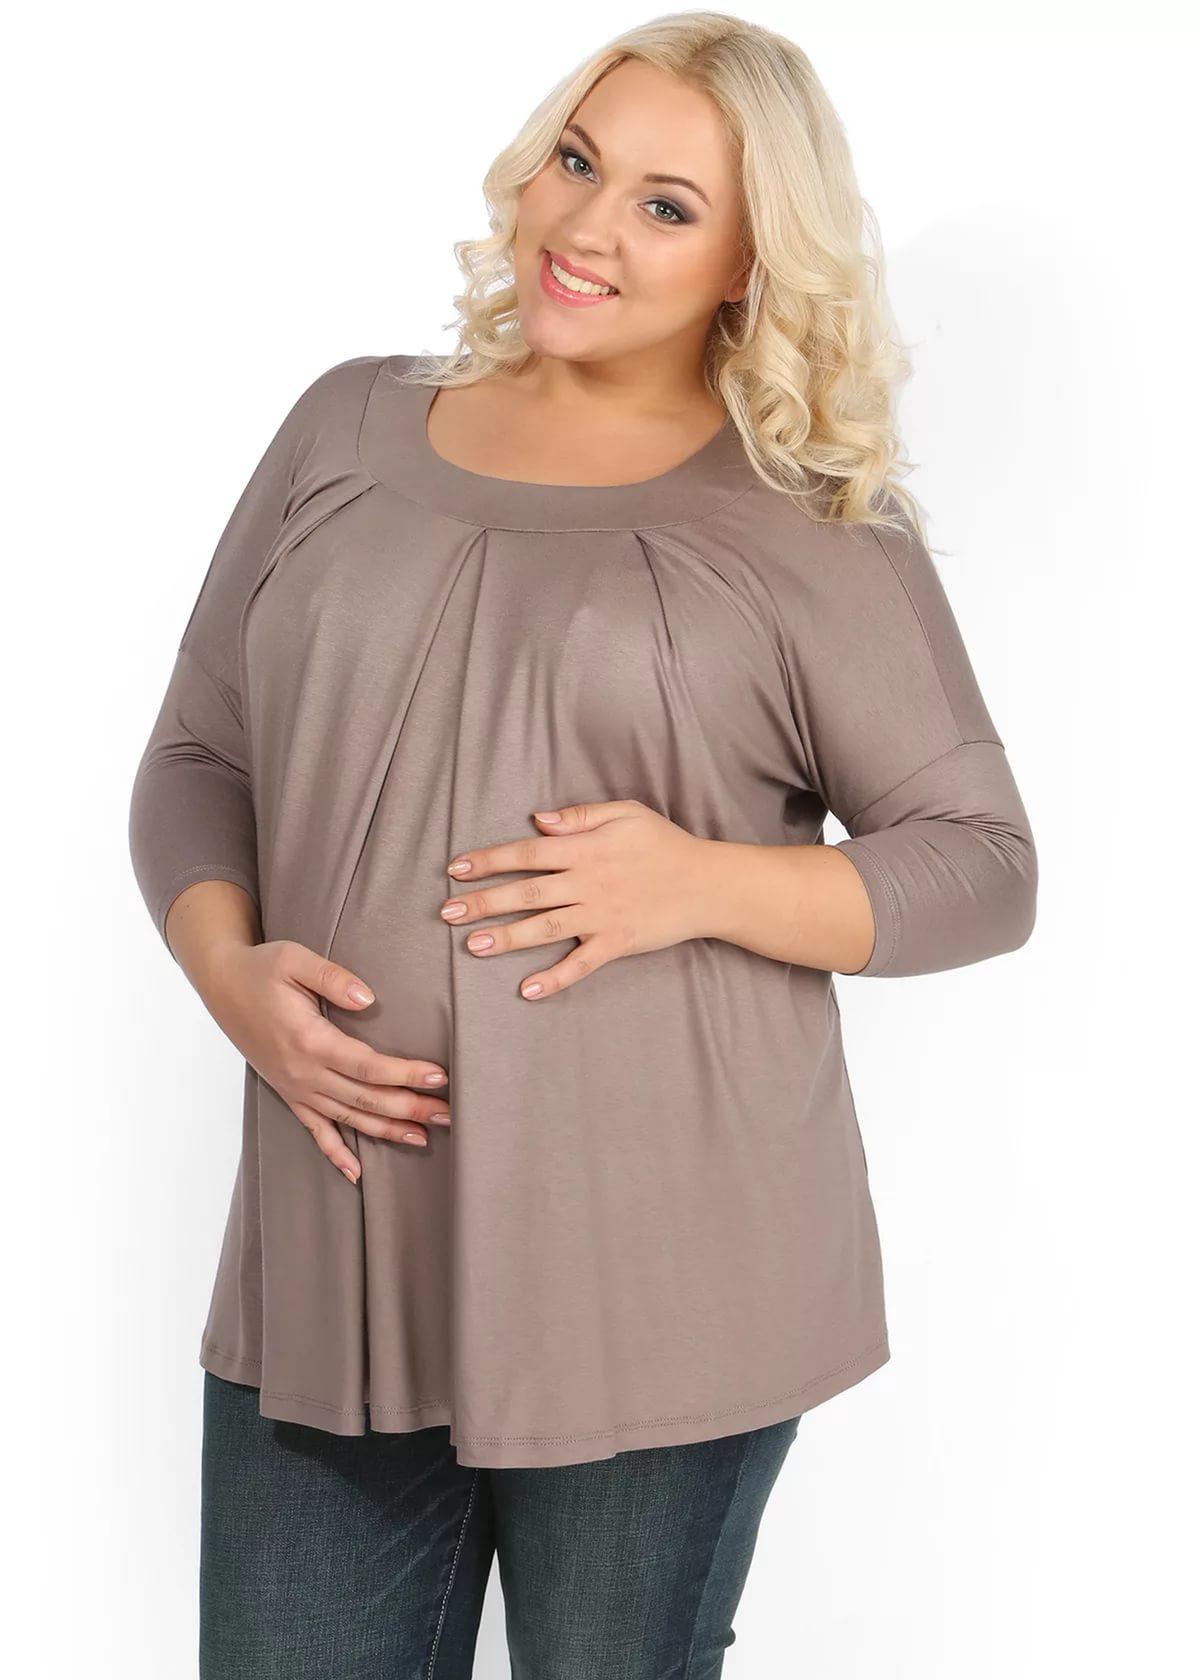 f1e4fc686 Ведь специализированные магазины могут предоставить на выбор различные  модели одежды больших размеров для будущих мам.